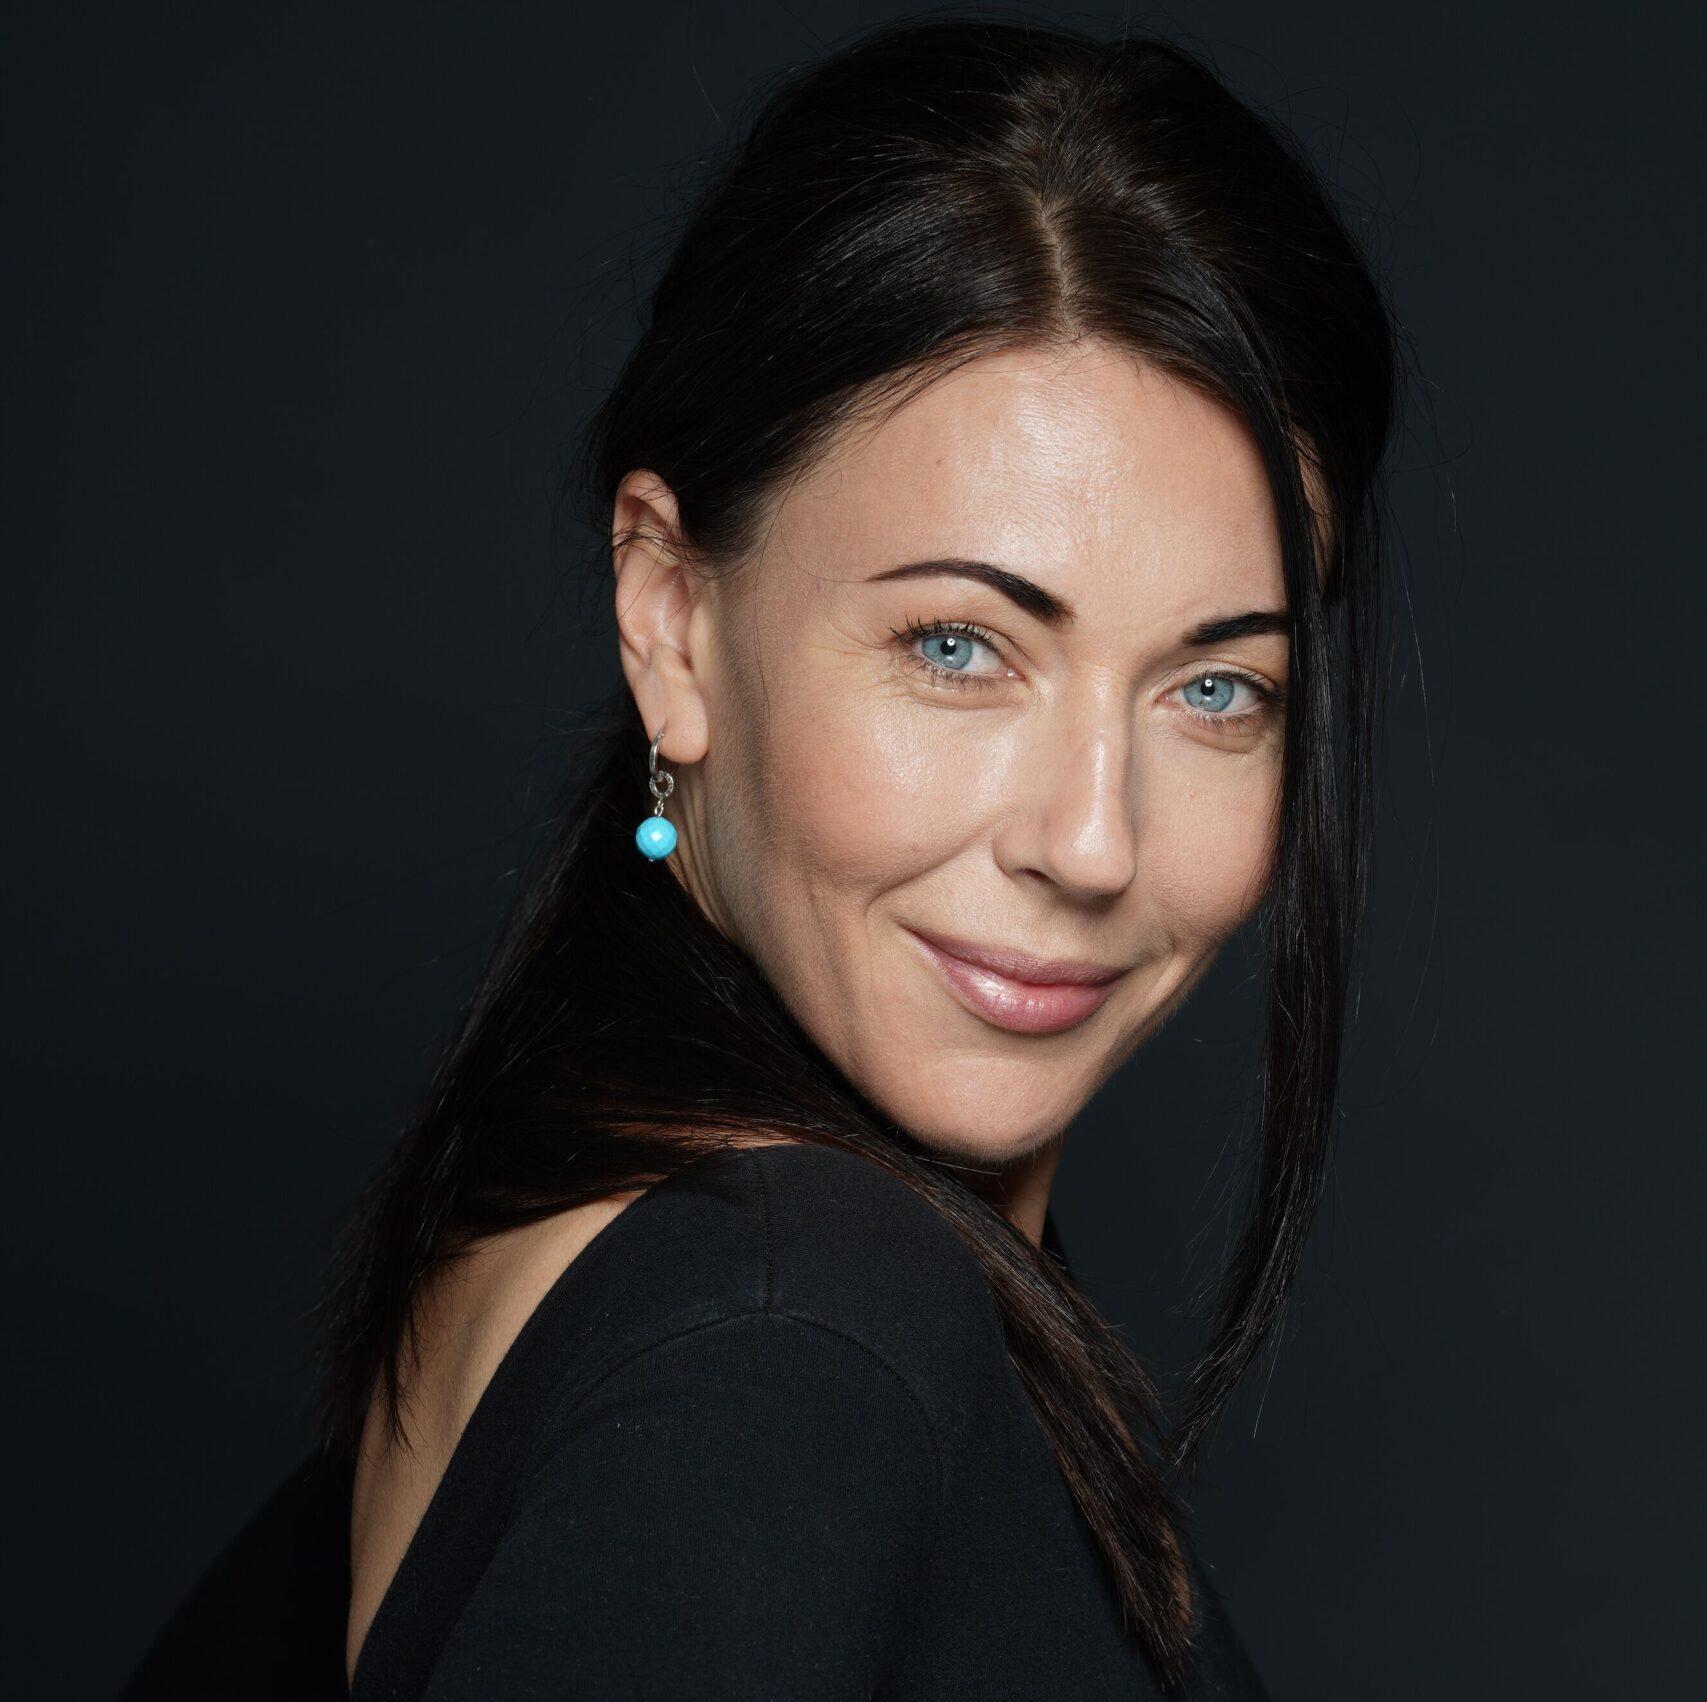 Oksana Filonenko